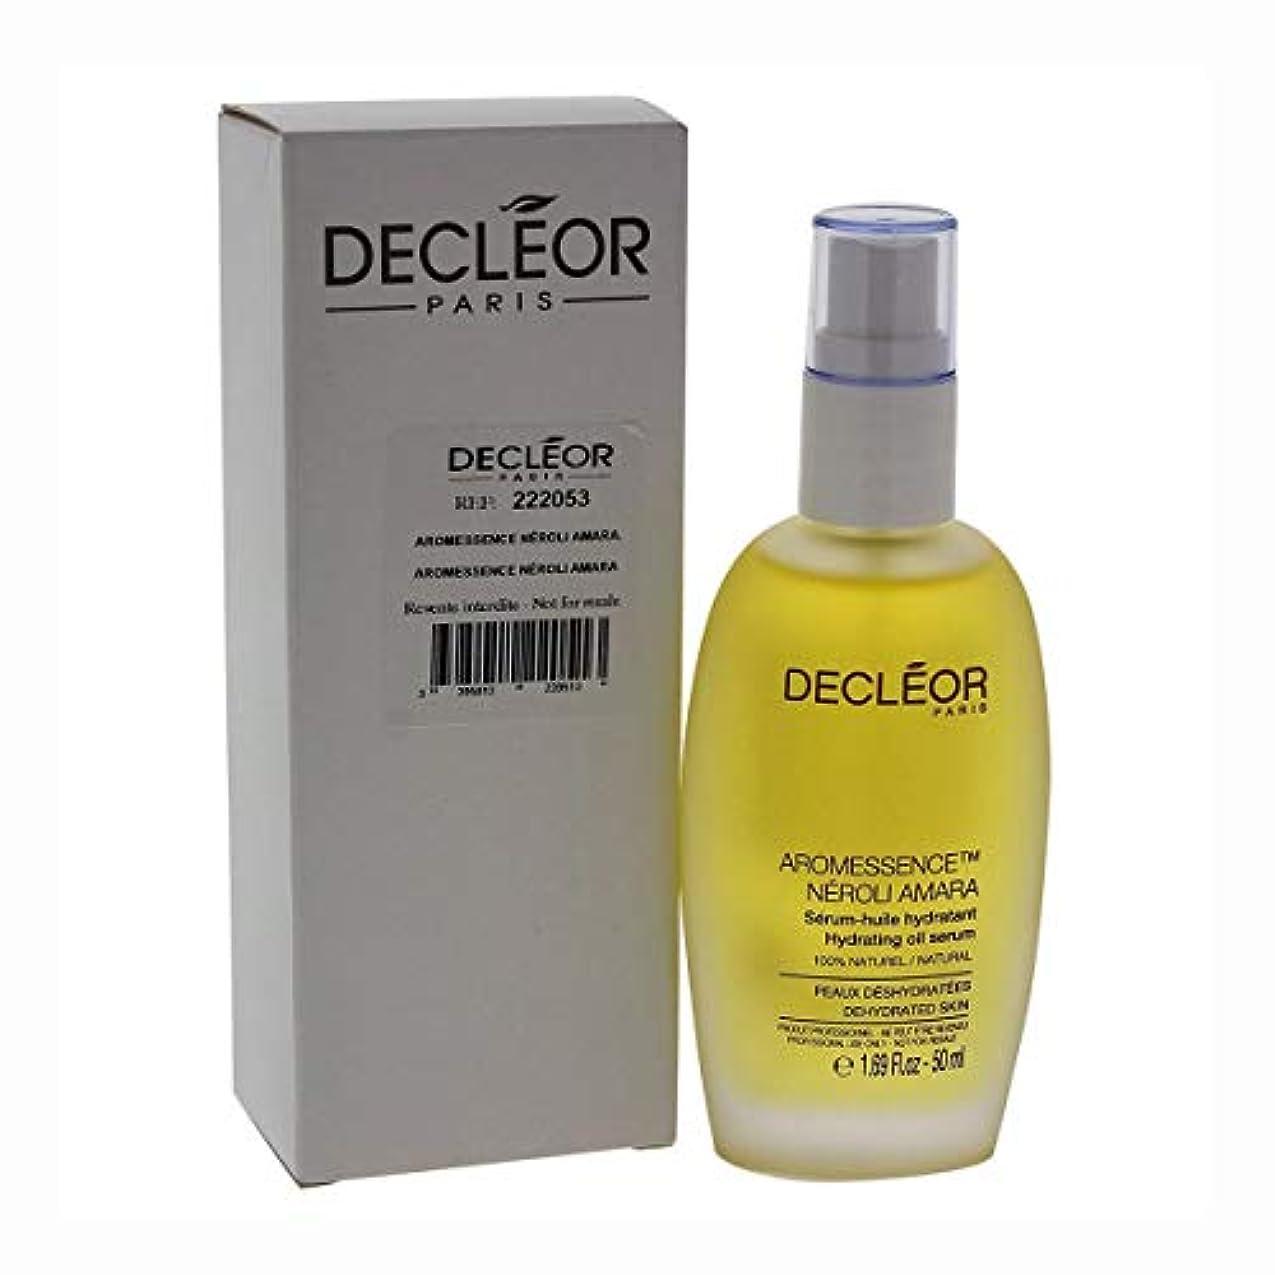 ロイヤリティ登録するエクステントデクレオール Aromessence Neroli Amara Hydrating Oil Serum - For Dehydrated Skin (Salon Size) 50ml/1.69oz並行輸入品